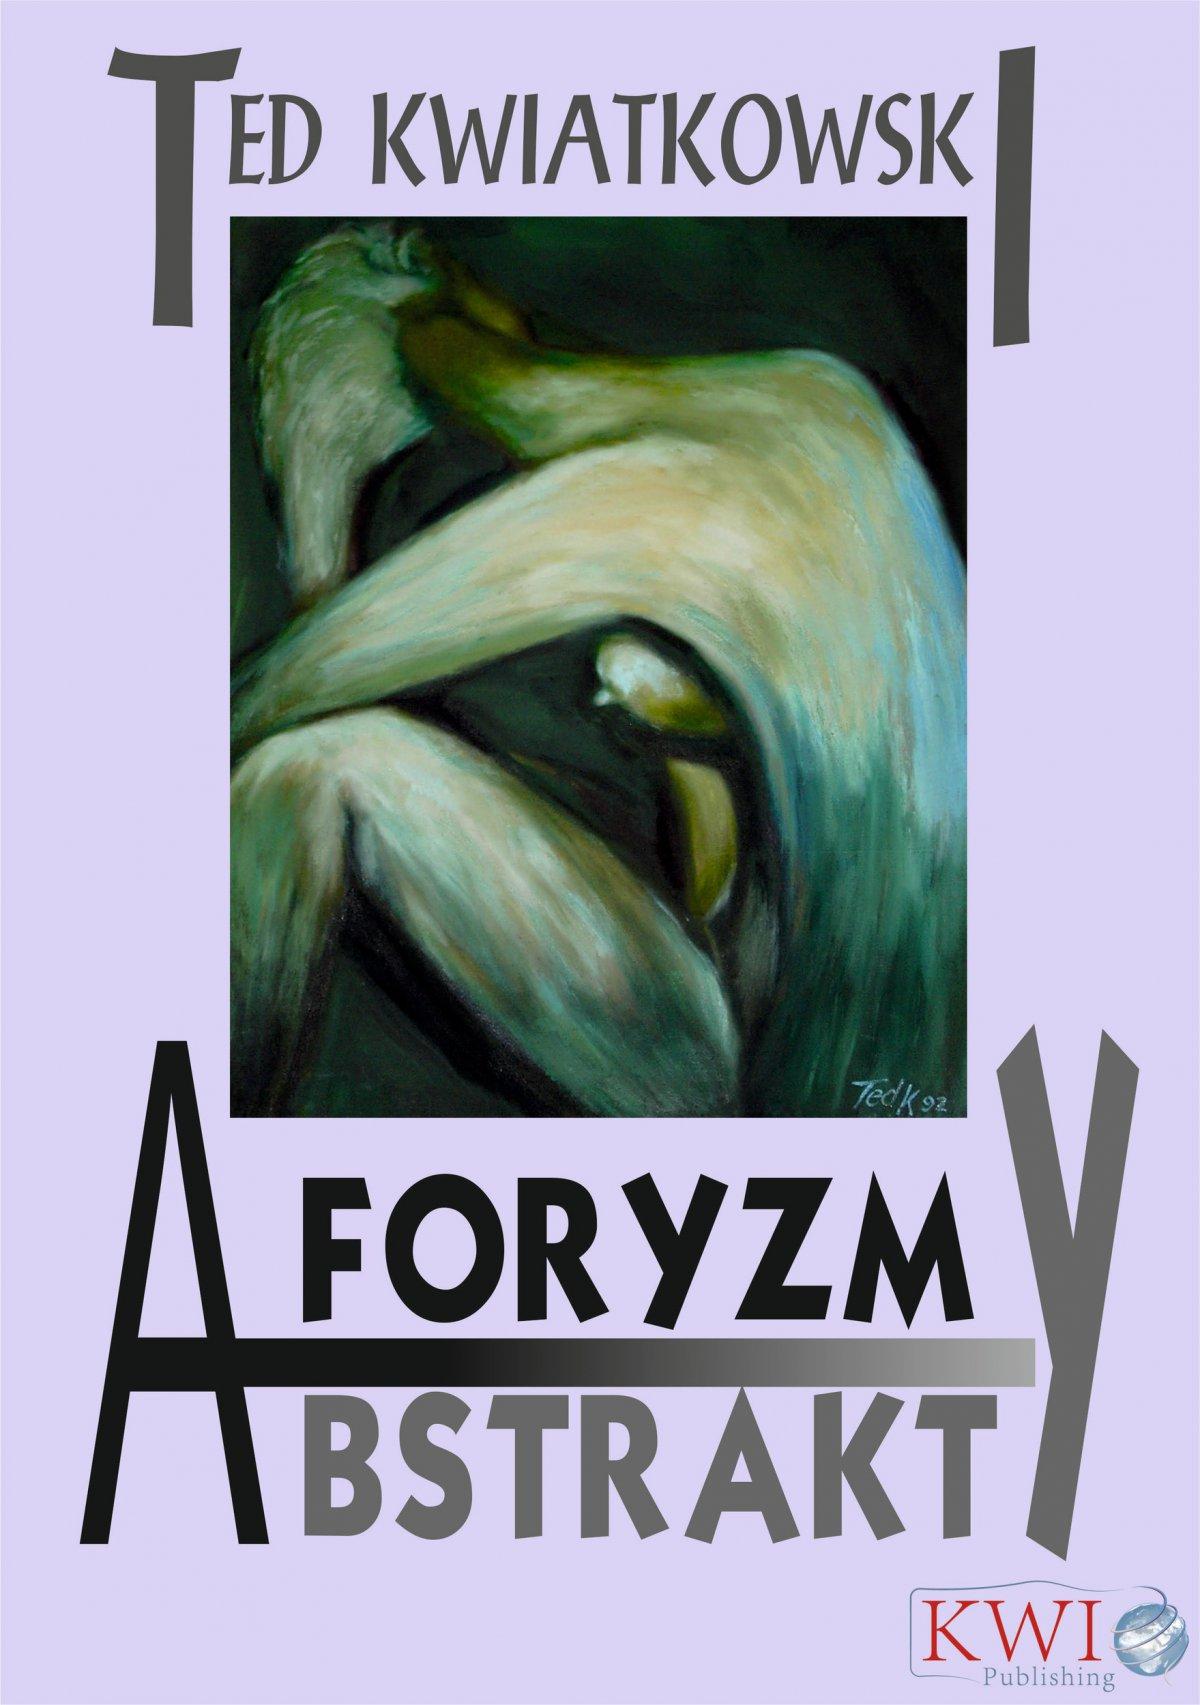 Aforyzmy, przysłowia, frazesy - Ebook (Książka na Kindle) do pobrania w formacie MOBI